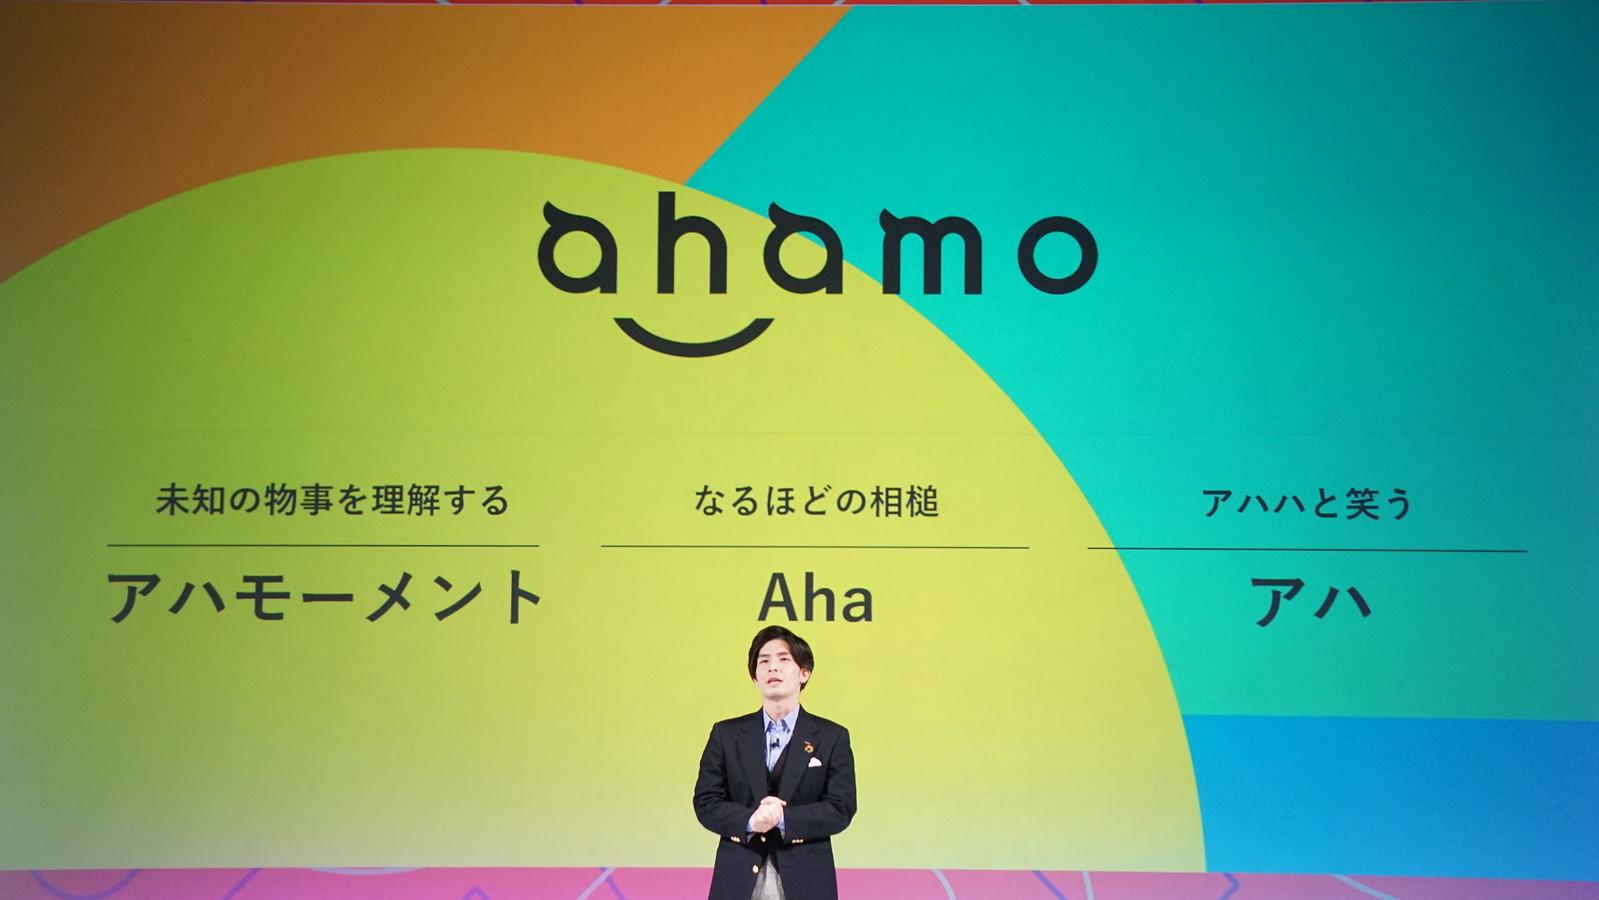 「ahamo」とは?